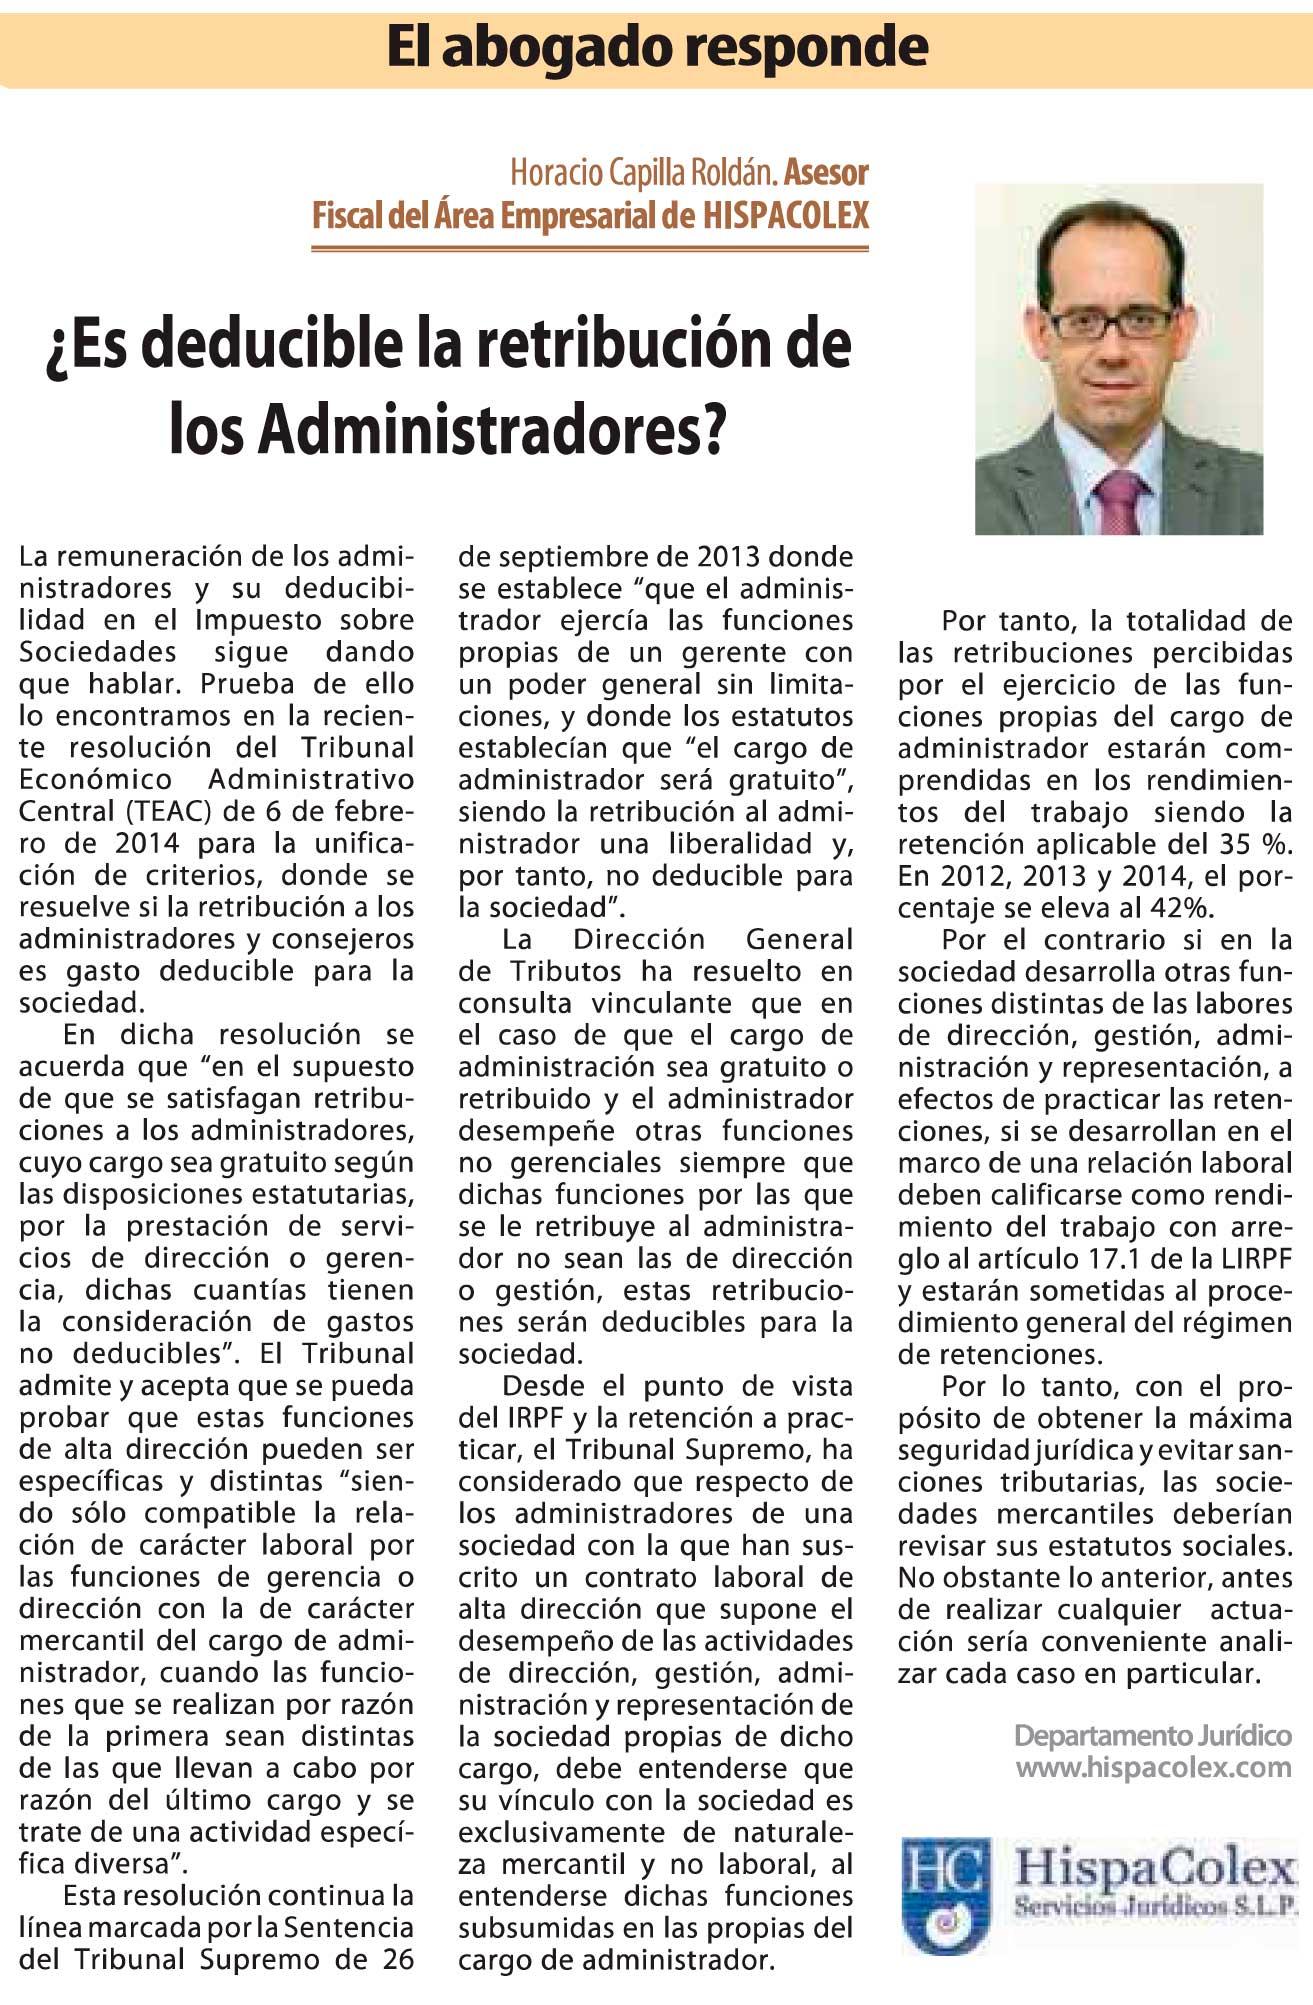 ES-DEDUCIBLE-LA-RETRIBUCION-DE-LOS-ADMINISTRADORES_HORACIO-CAPILLA-ROLDAN-GRANADA-ECONOMICA